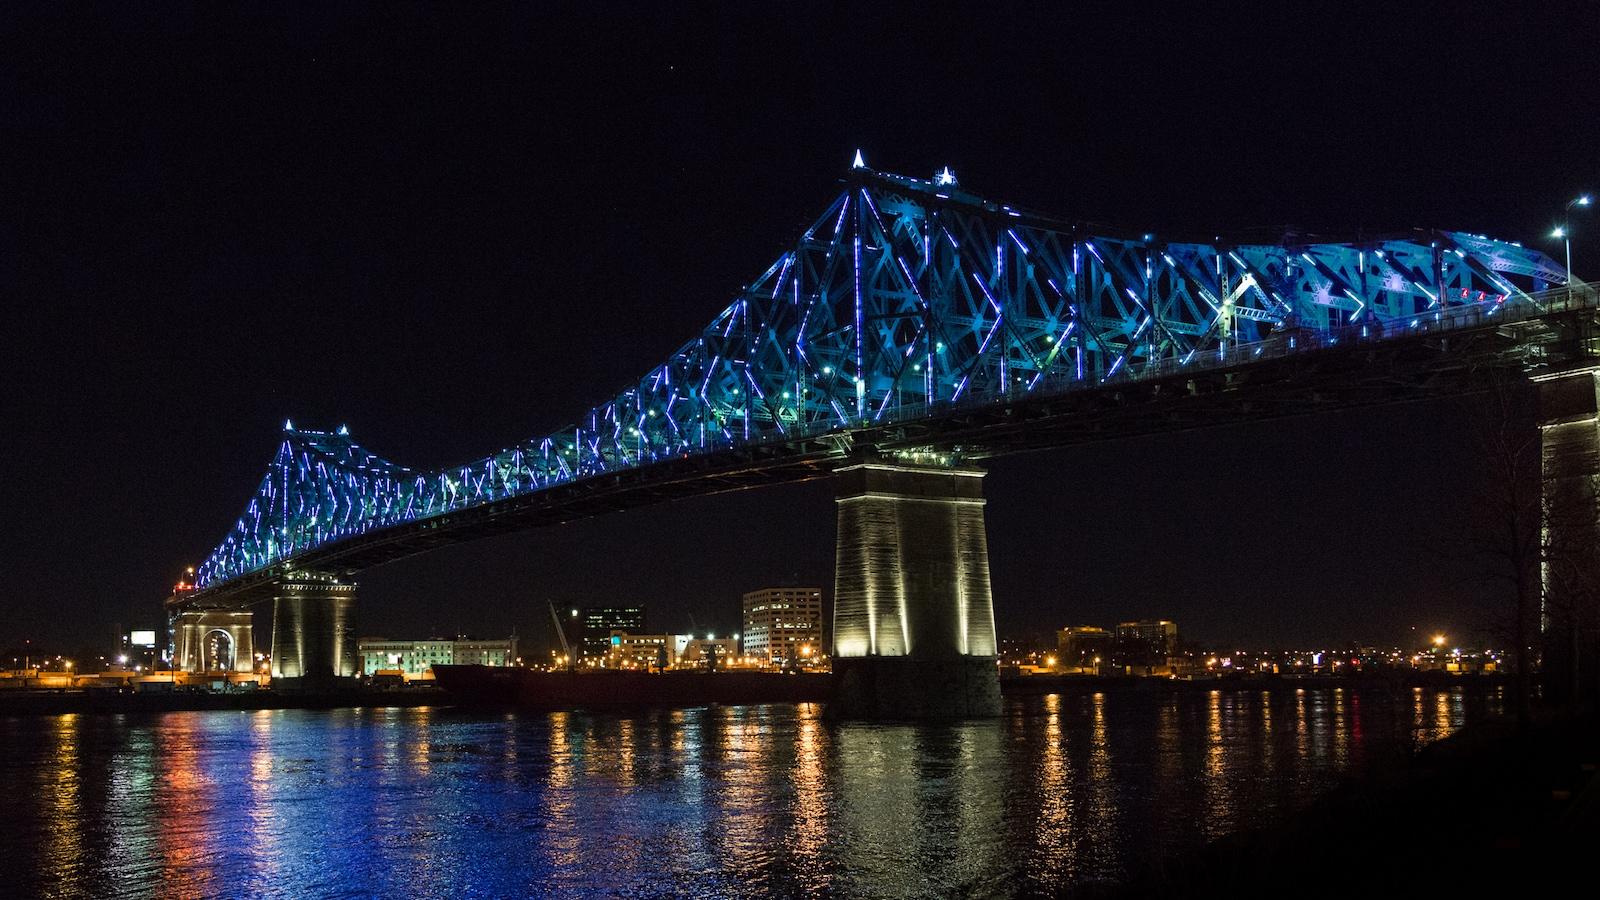 L'illumination du pont Jacques-Cartier, à Montréal